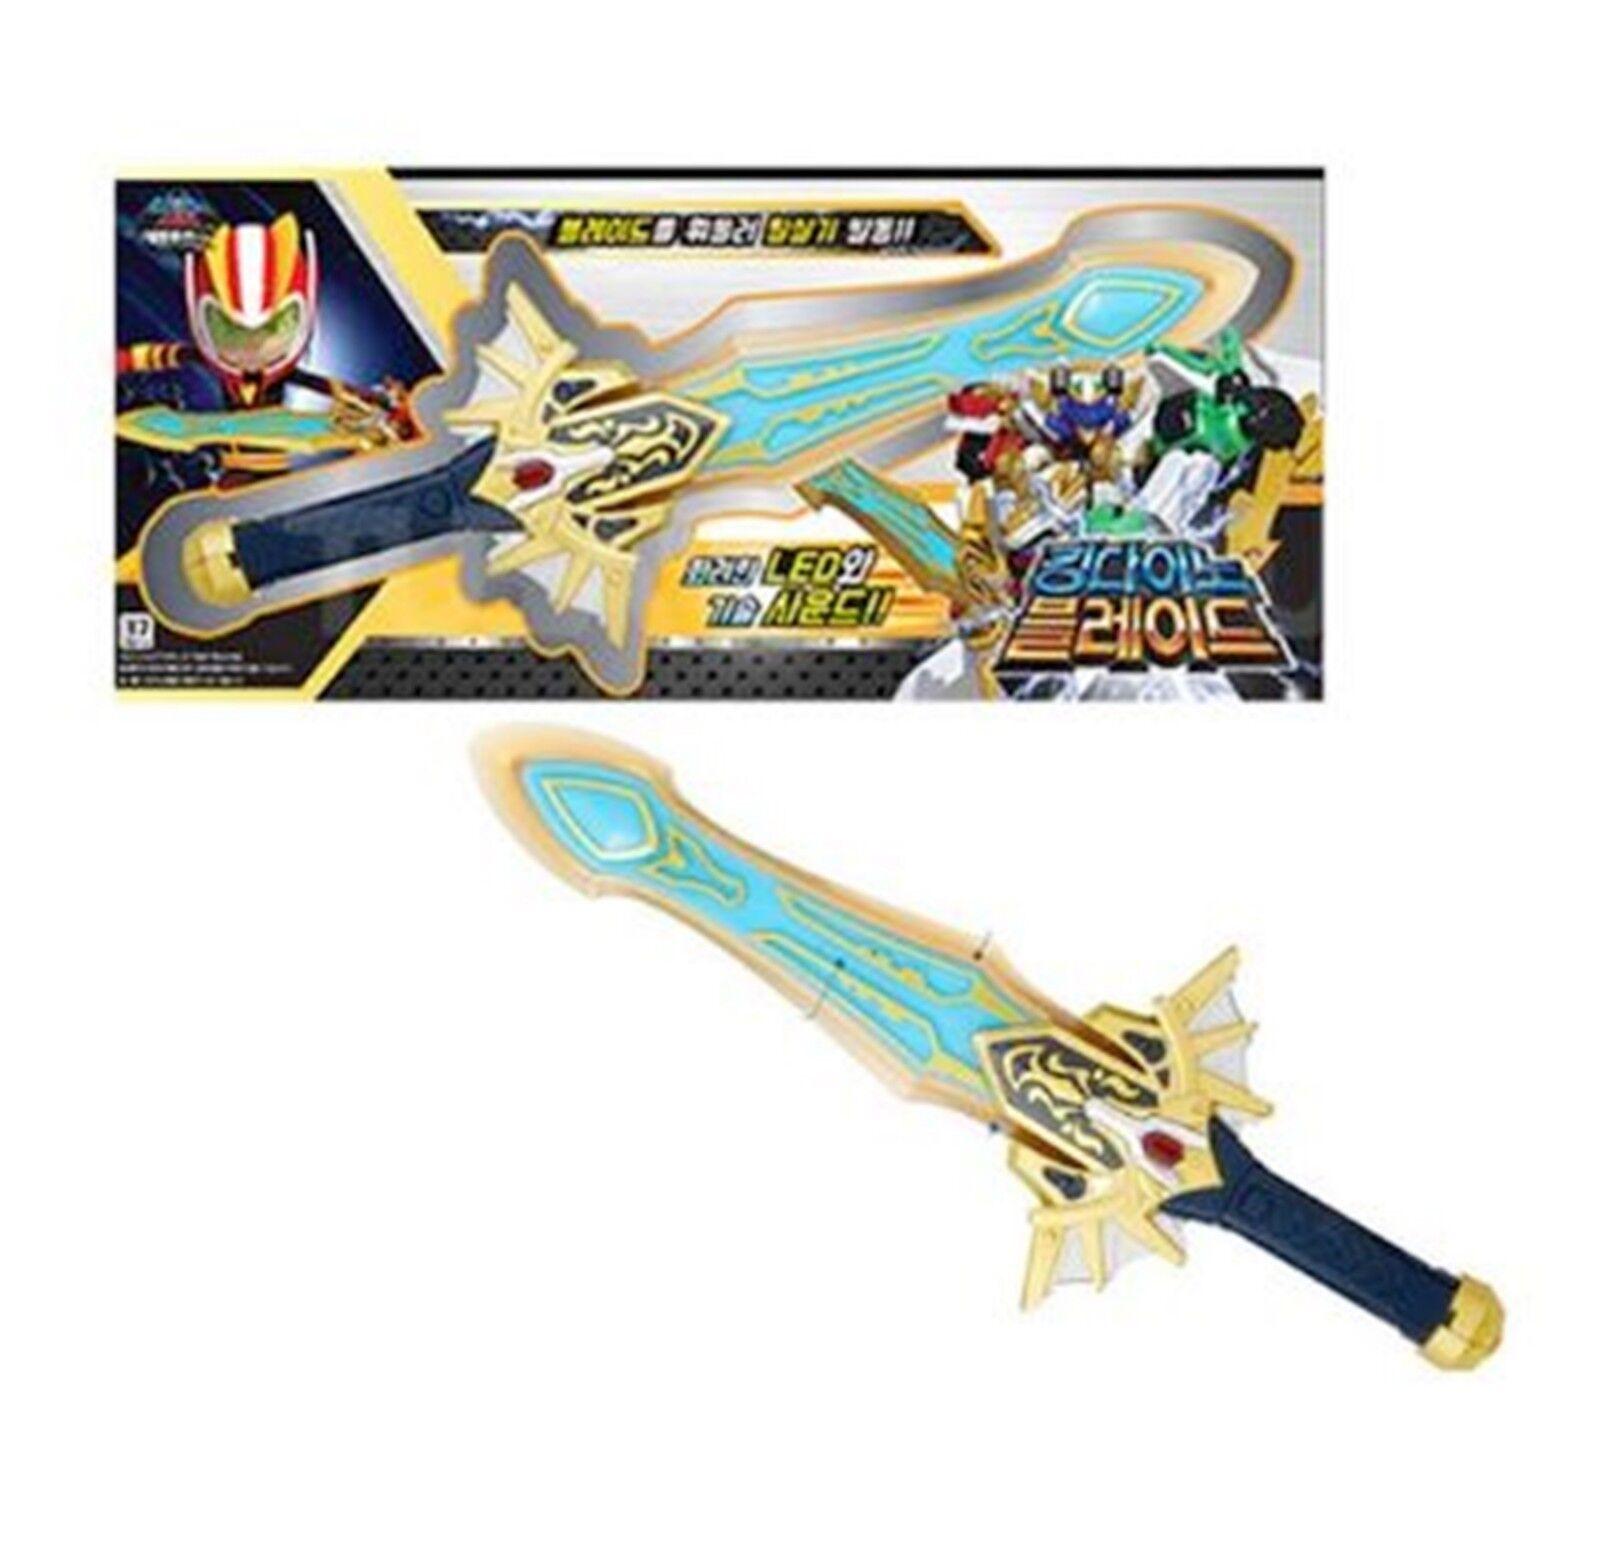 Dino Core Evolution 2 re DINO BLADE with LED suono Sword dinocore bambini giocattolo